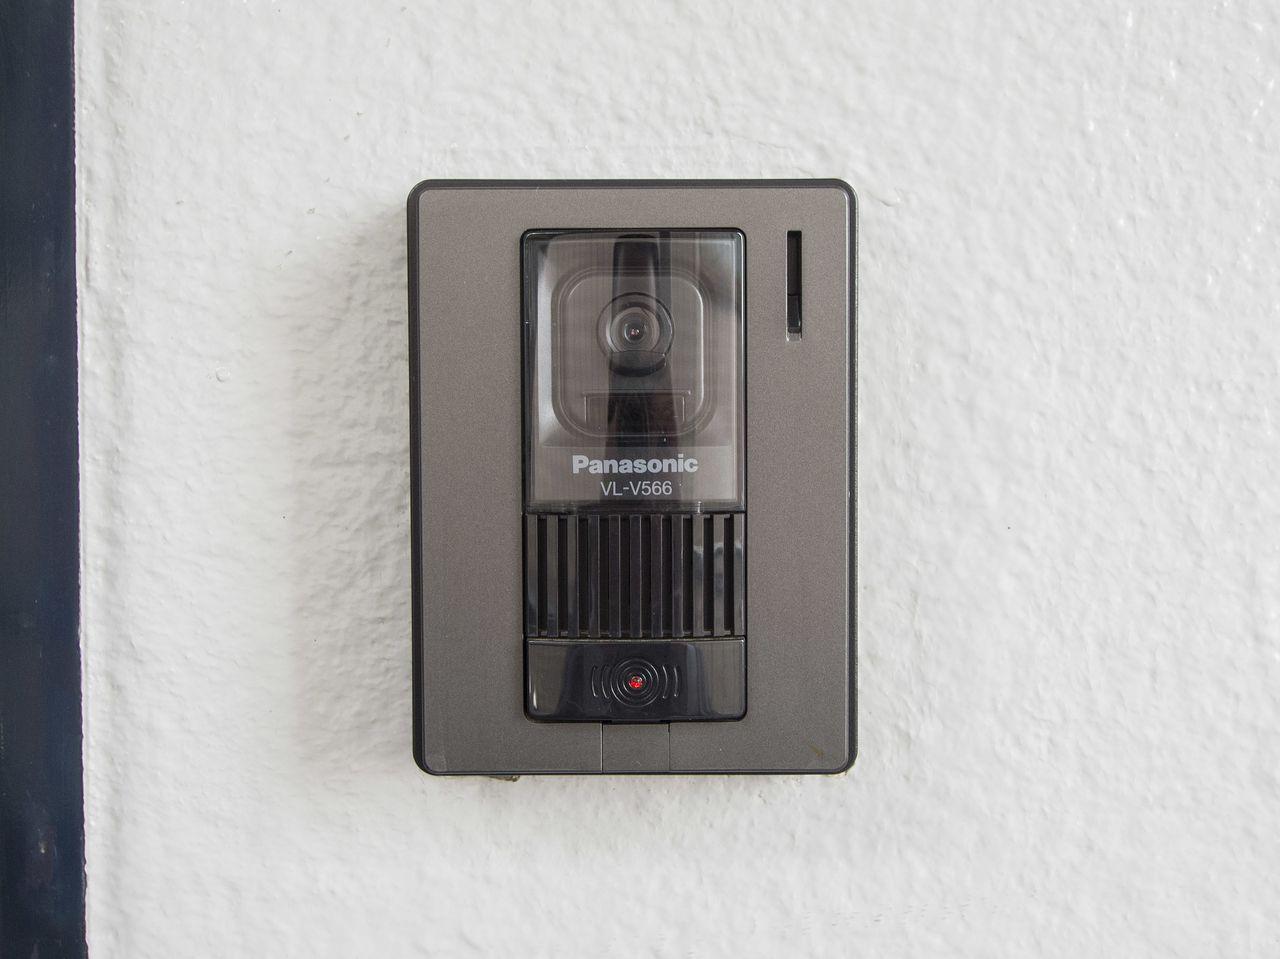 来訪者をしっかり確認できるカメラ付インターホン